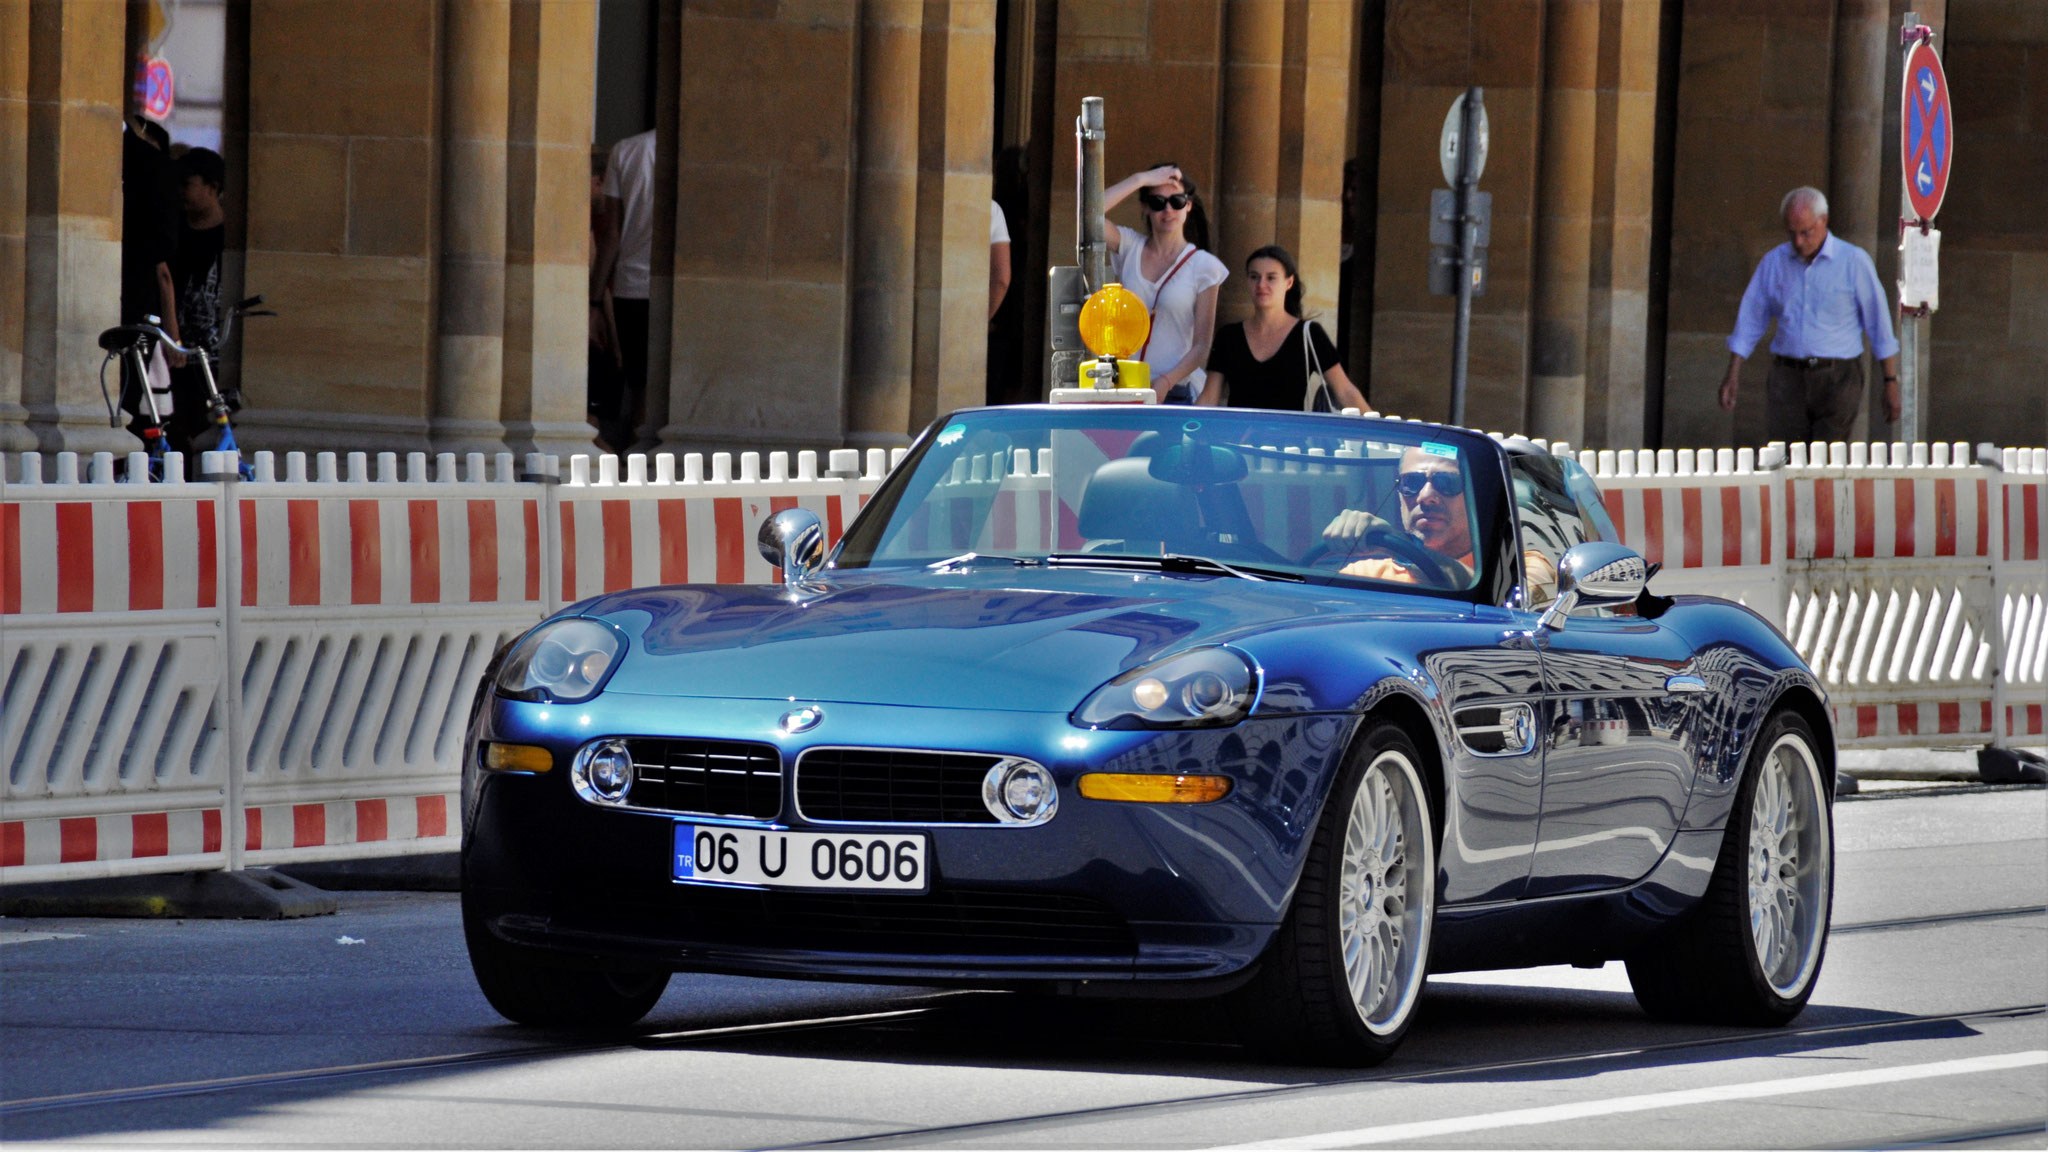 BMW Z8 - 06-U-0606 (TR)